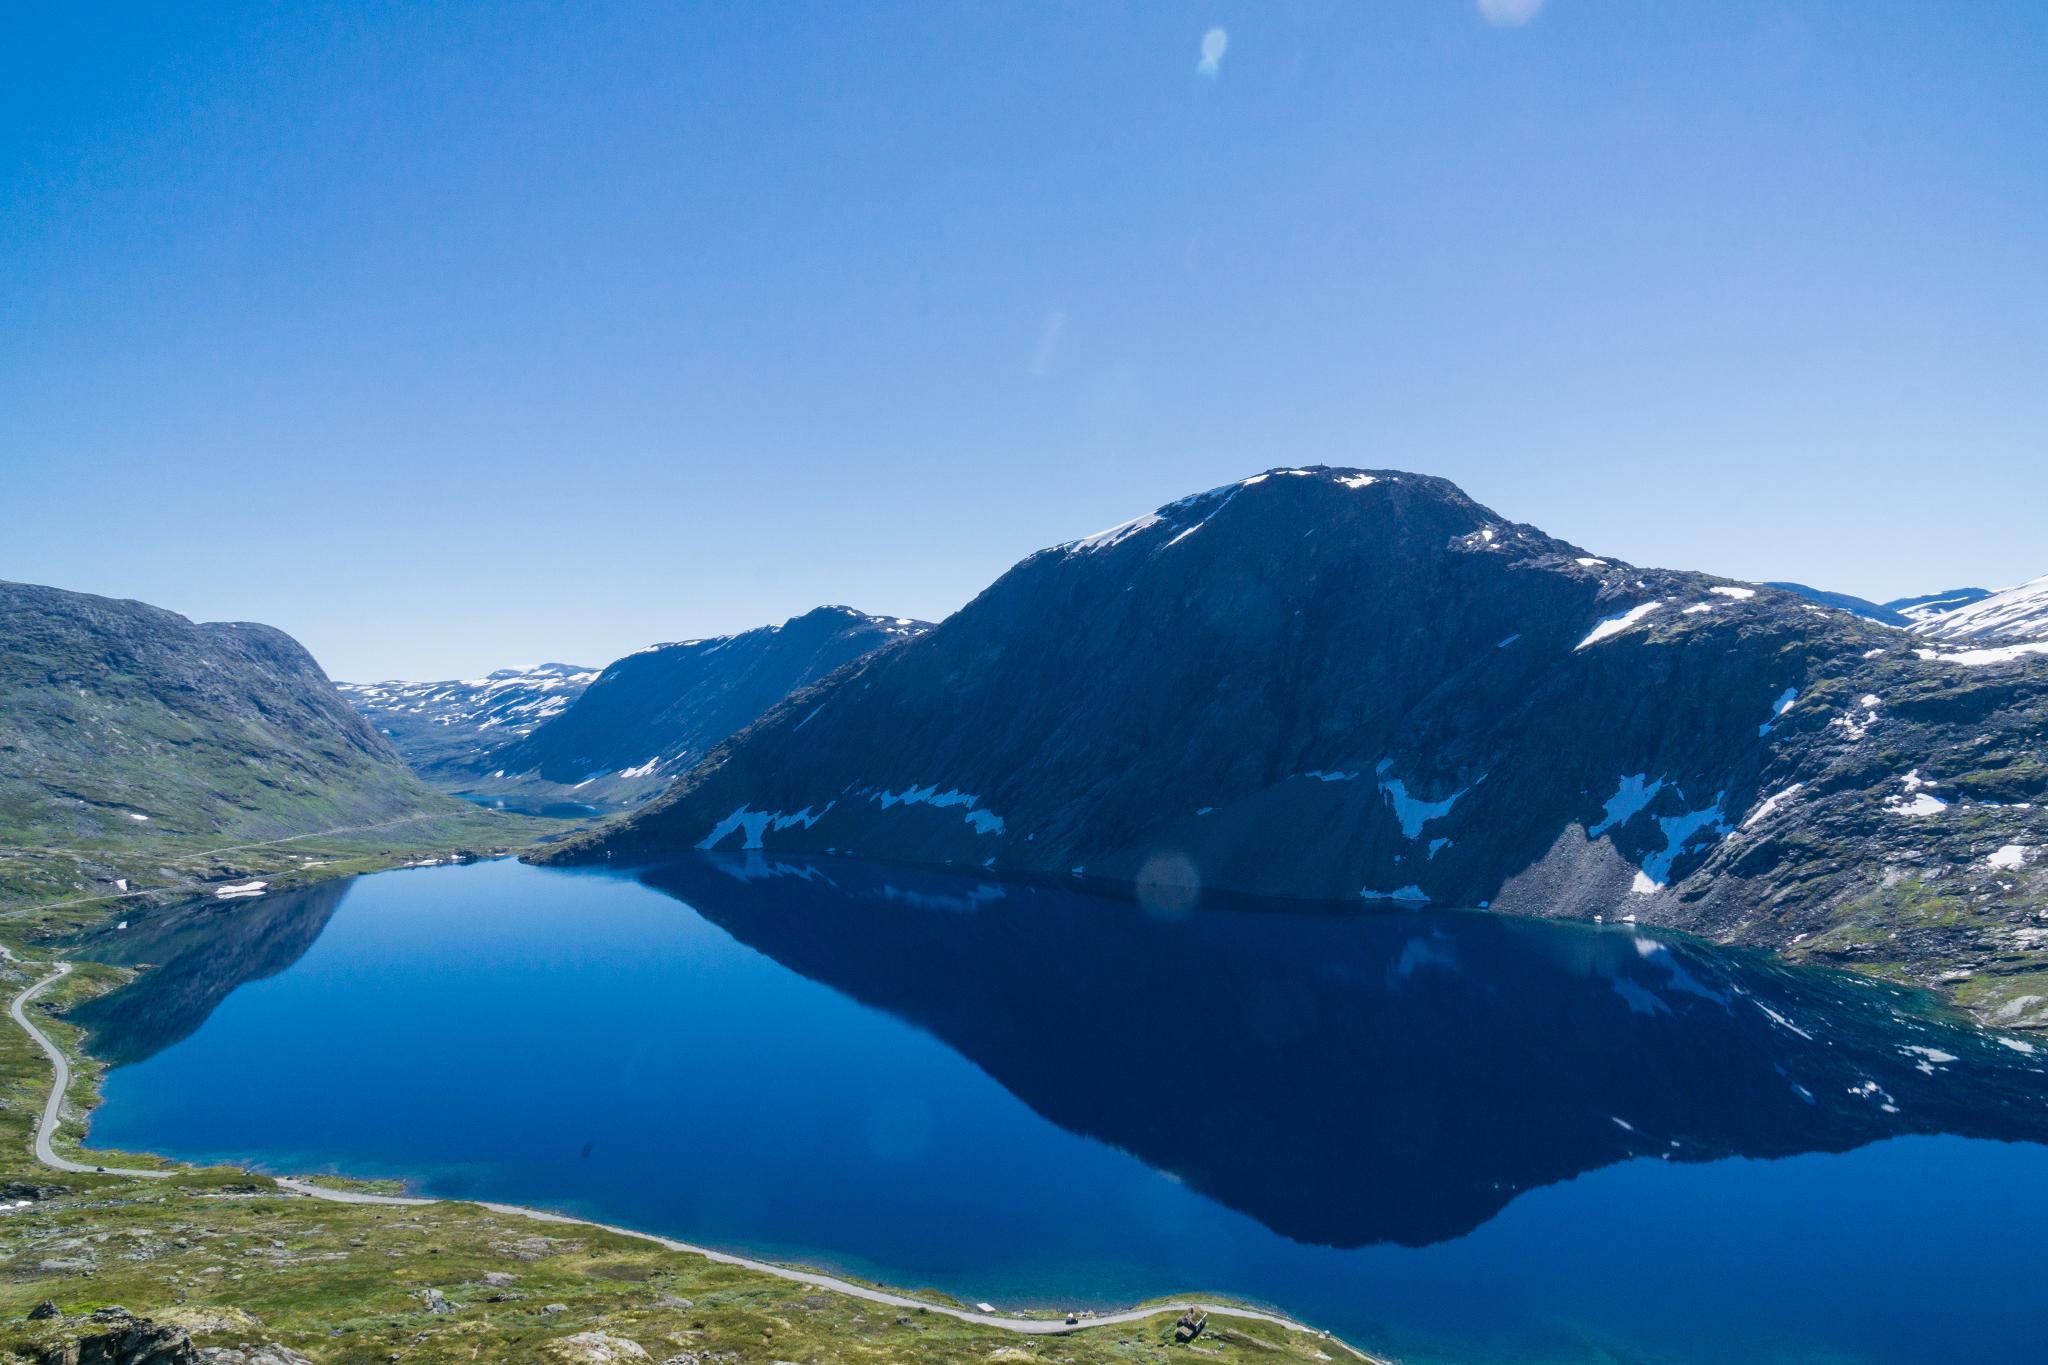 【北歐景點】歐洲最震撼的峽灣觀景台 — Dalsnibba Mountain Plateau 12